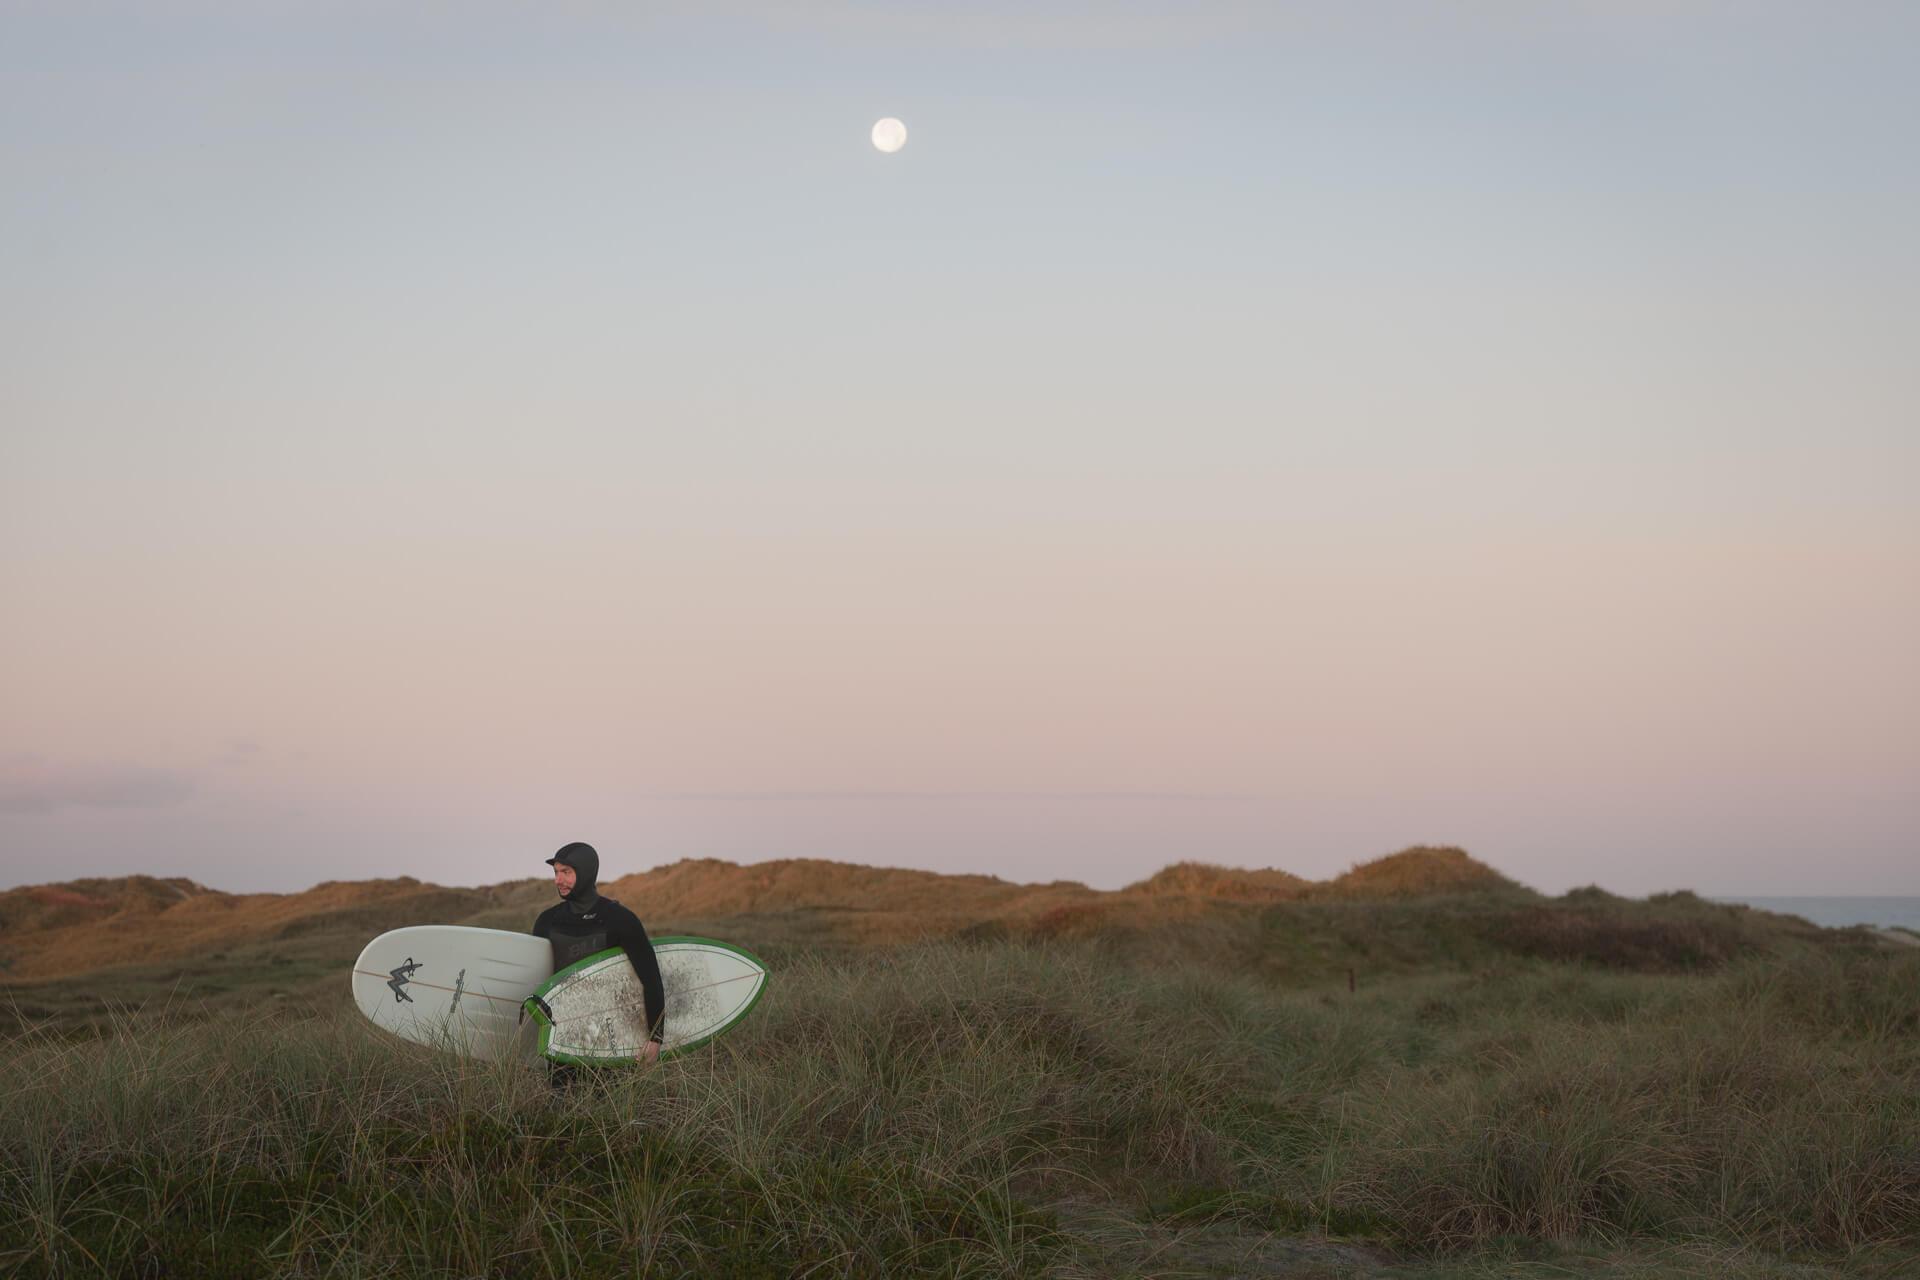 Foto von der Fotostory Redeleit und Junker Dänemark zeigt einen Surfer mit Surfboards